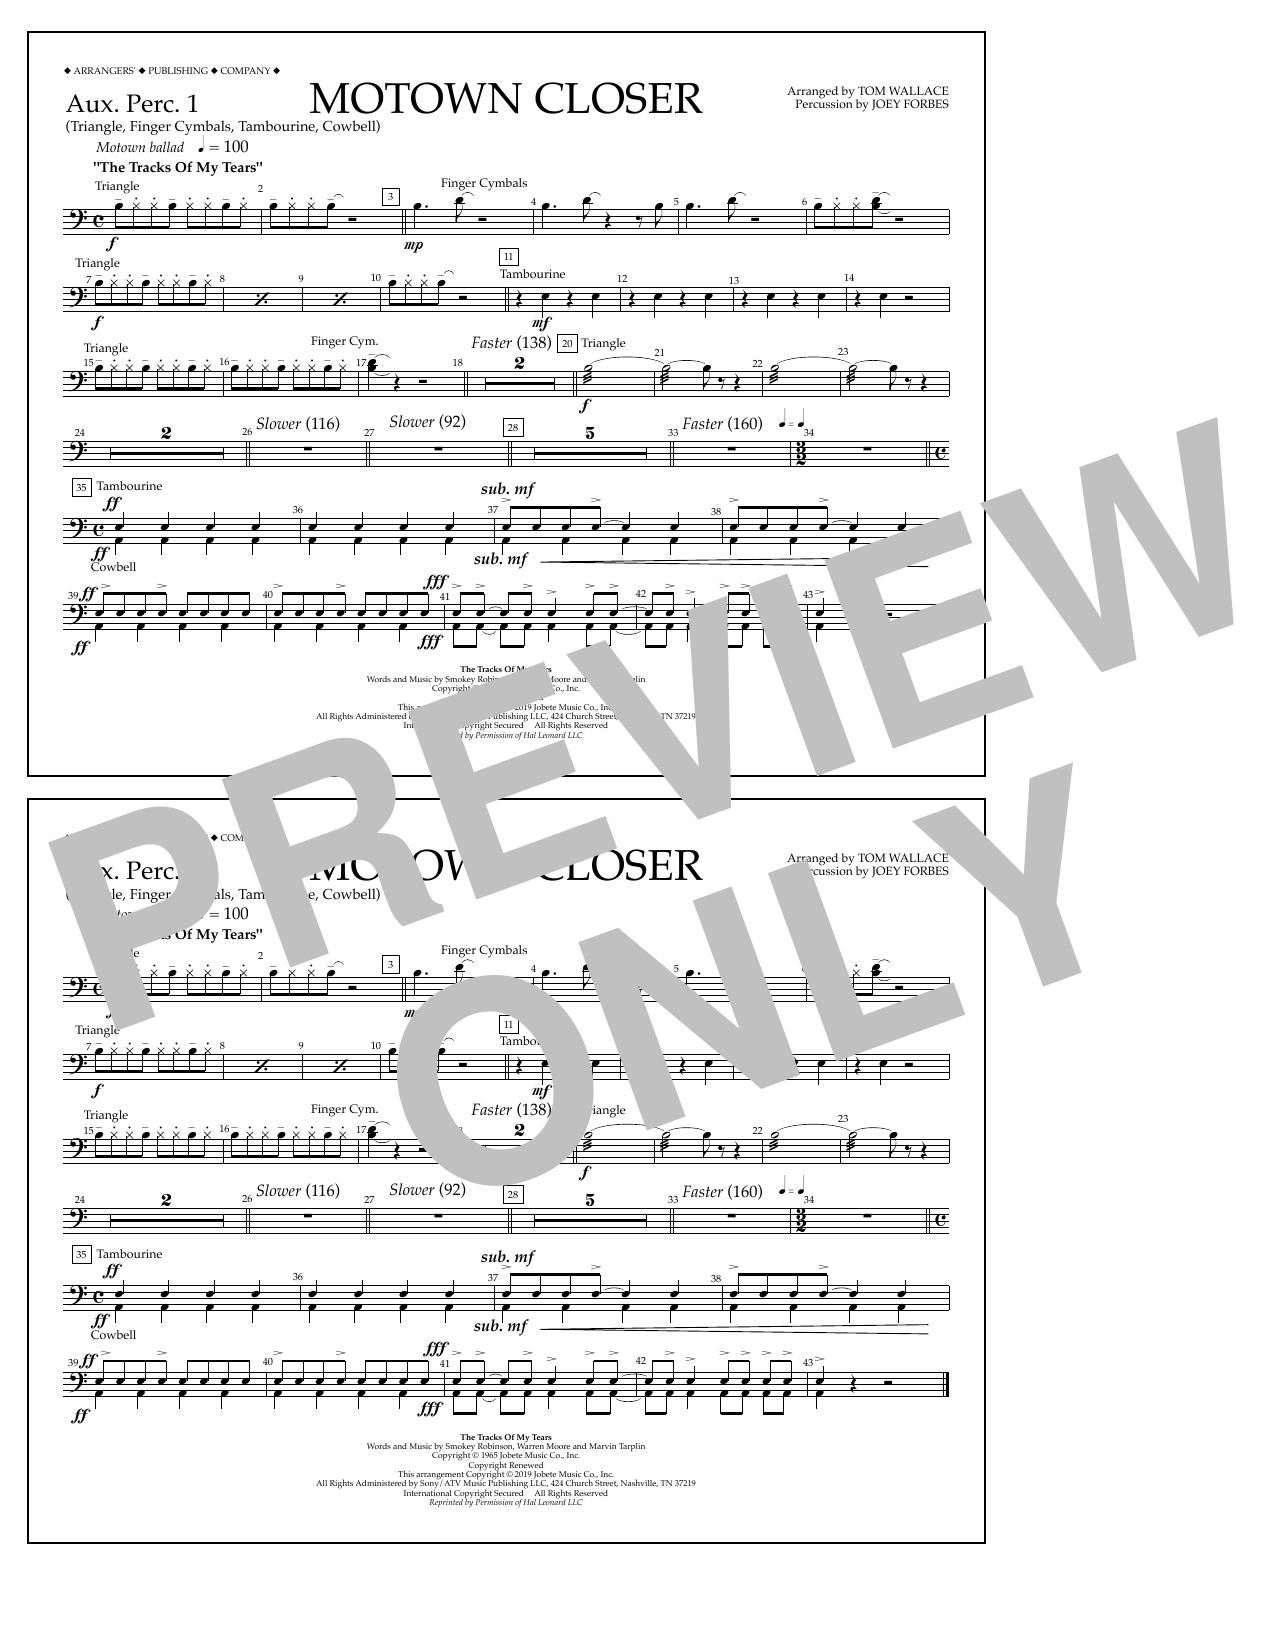 Motown Closer (arr. Tom Wallace) - Aux. Perc. 1